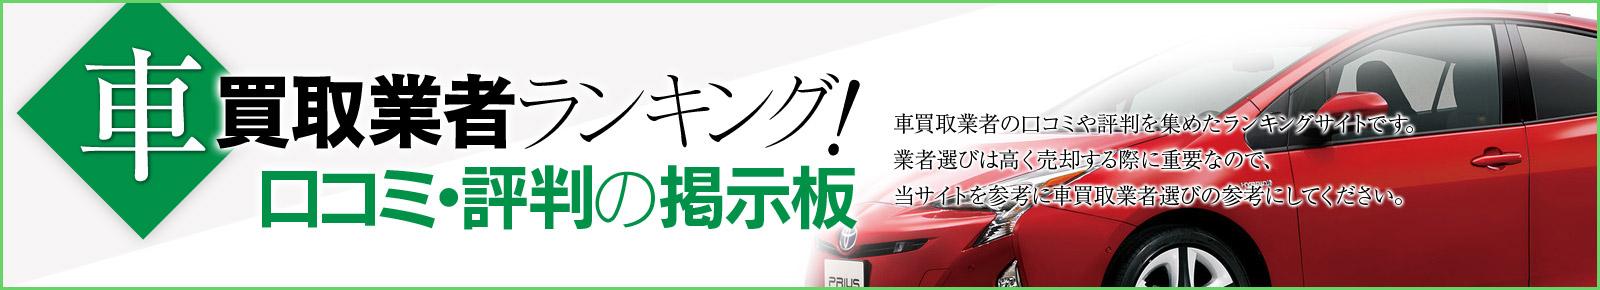 車買取業者ランキング!口コミ・評判の掲示板